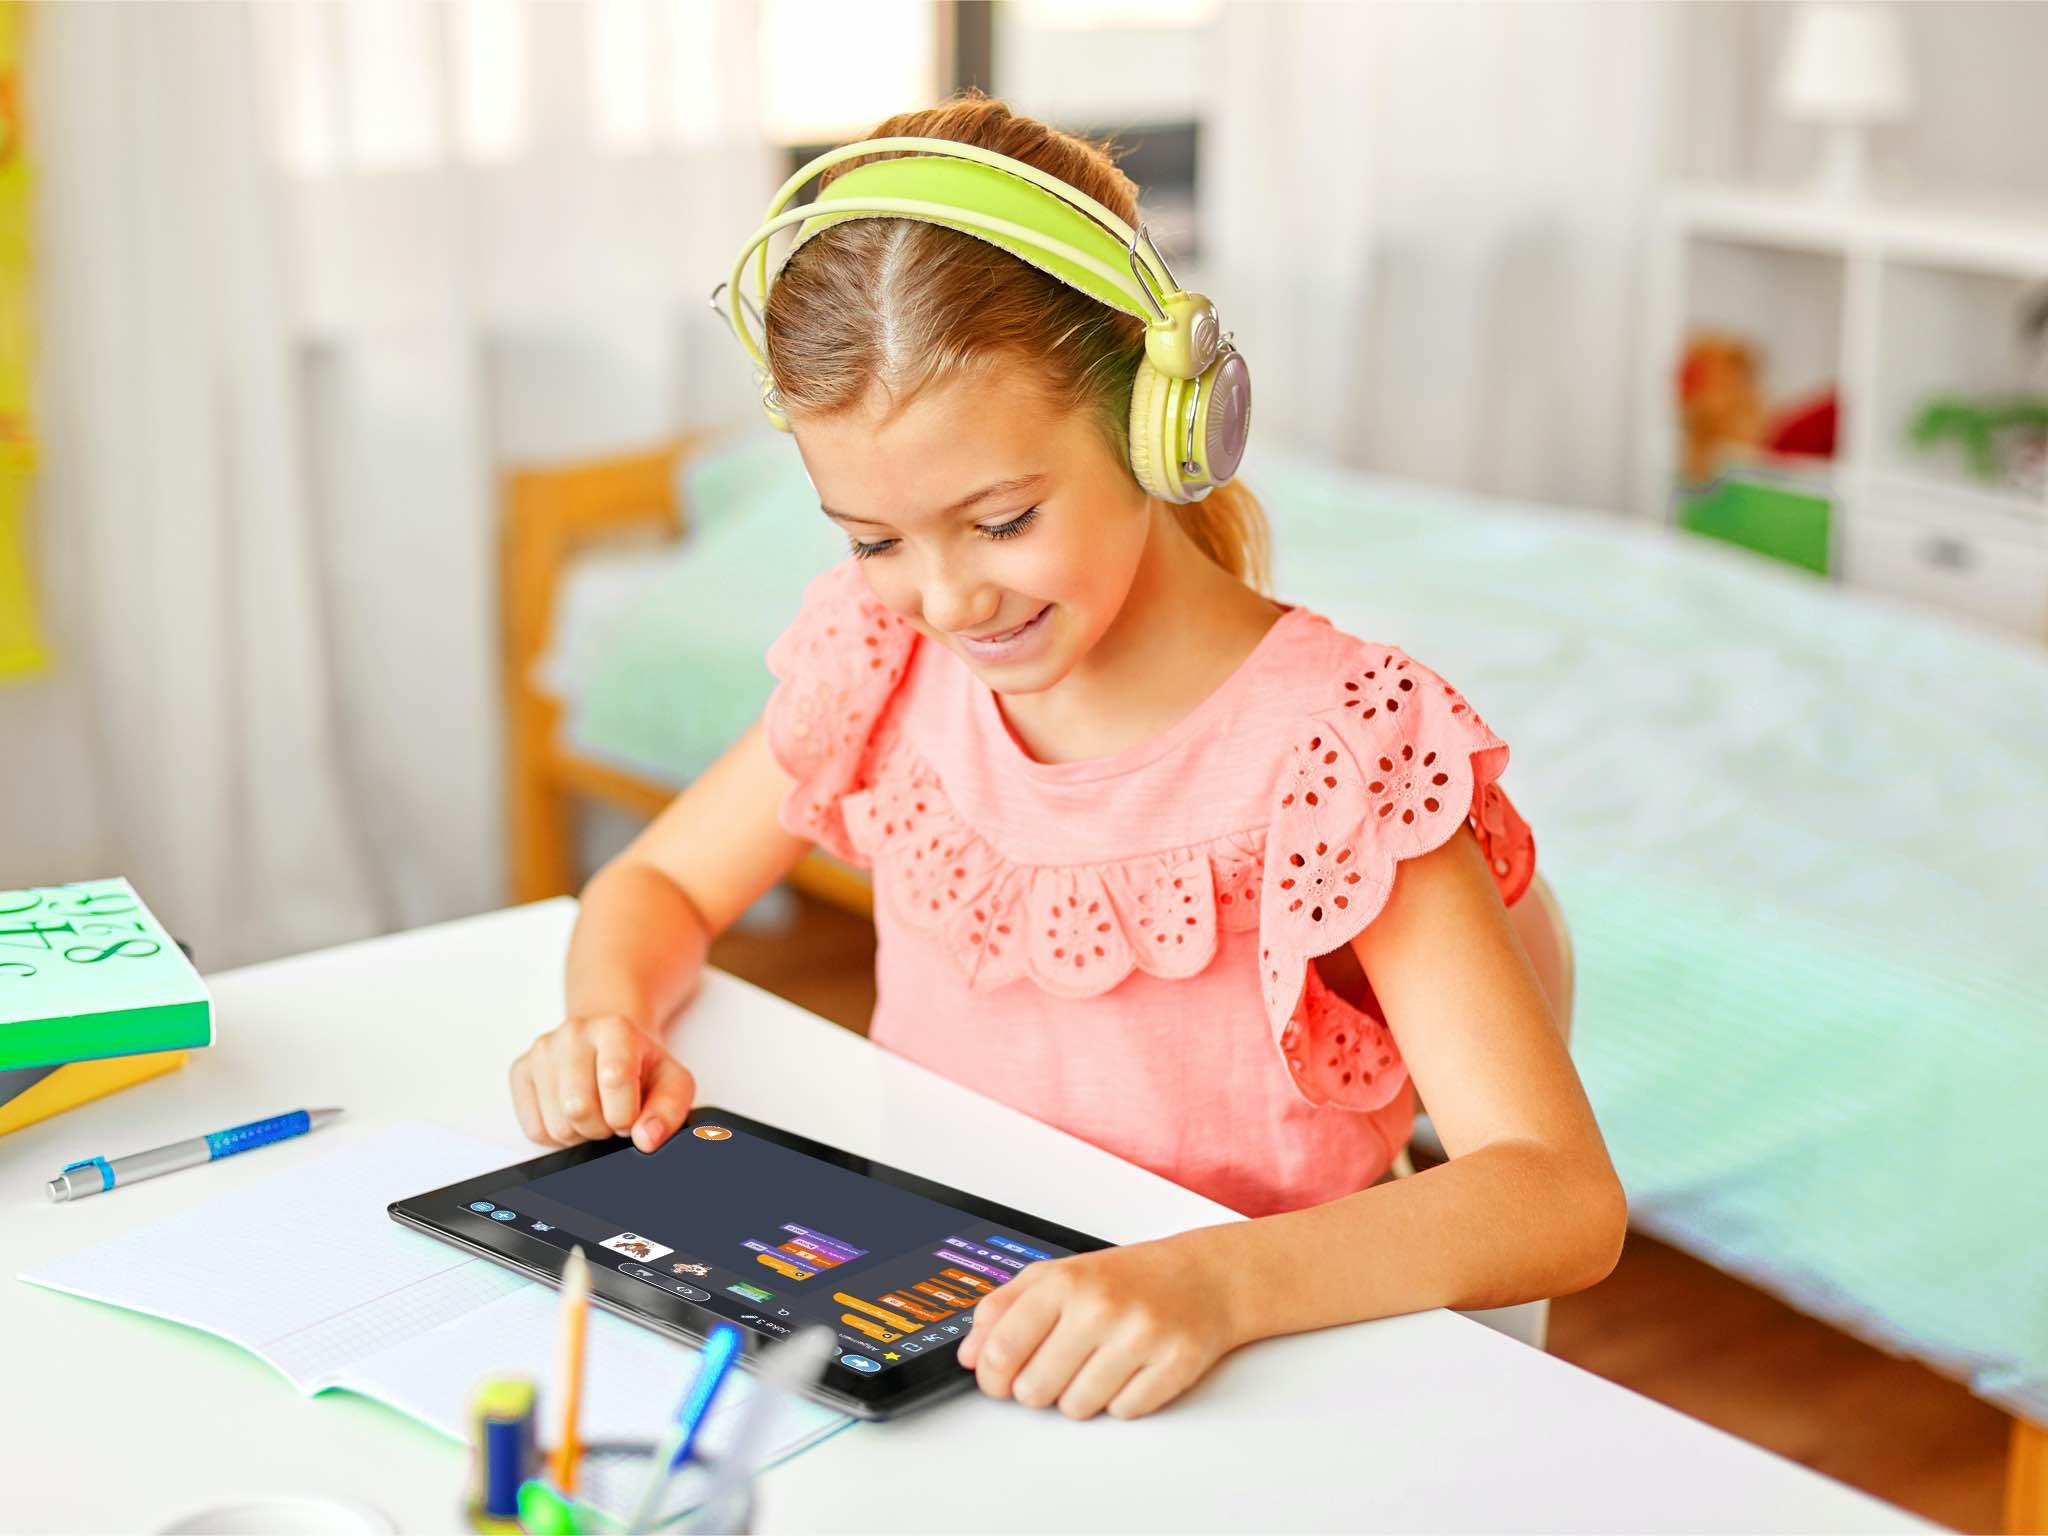 Mädchen spielt ein Spiel auf einem Tablet.